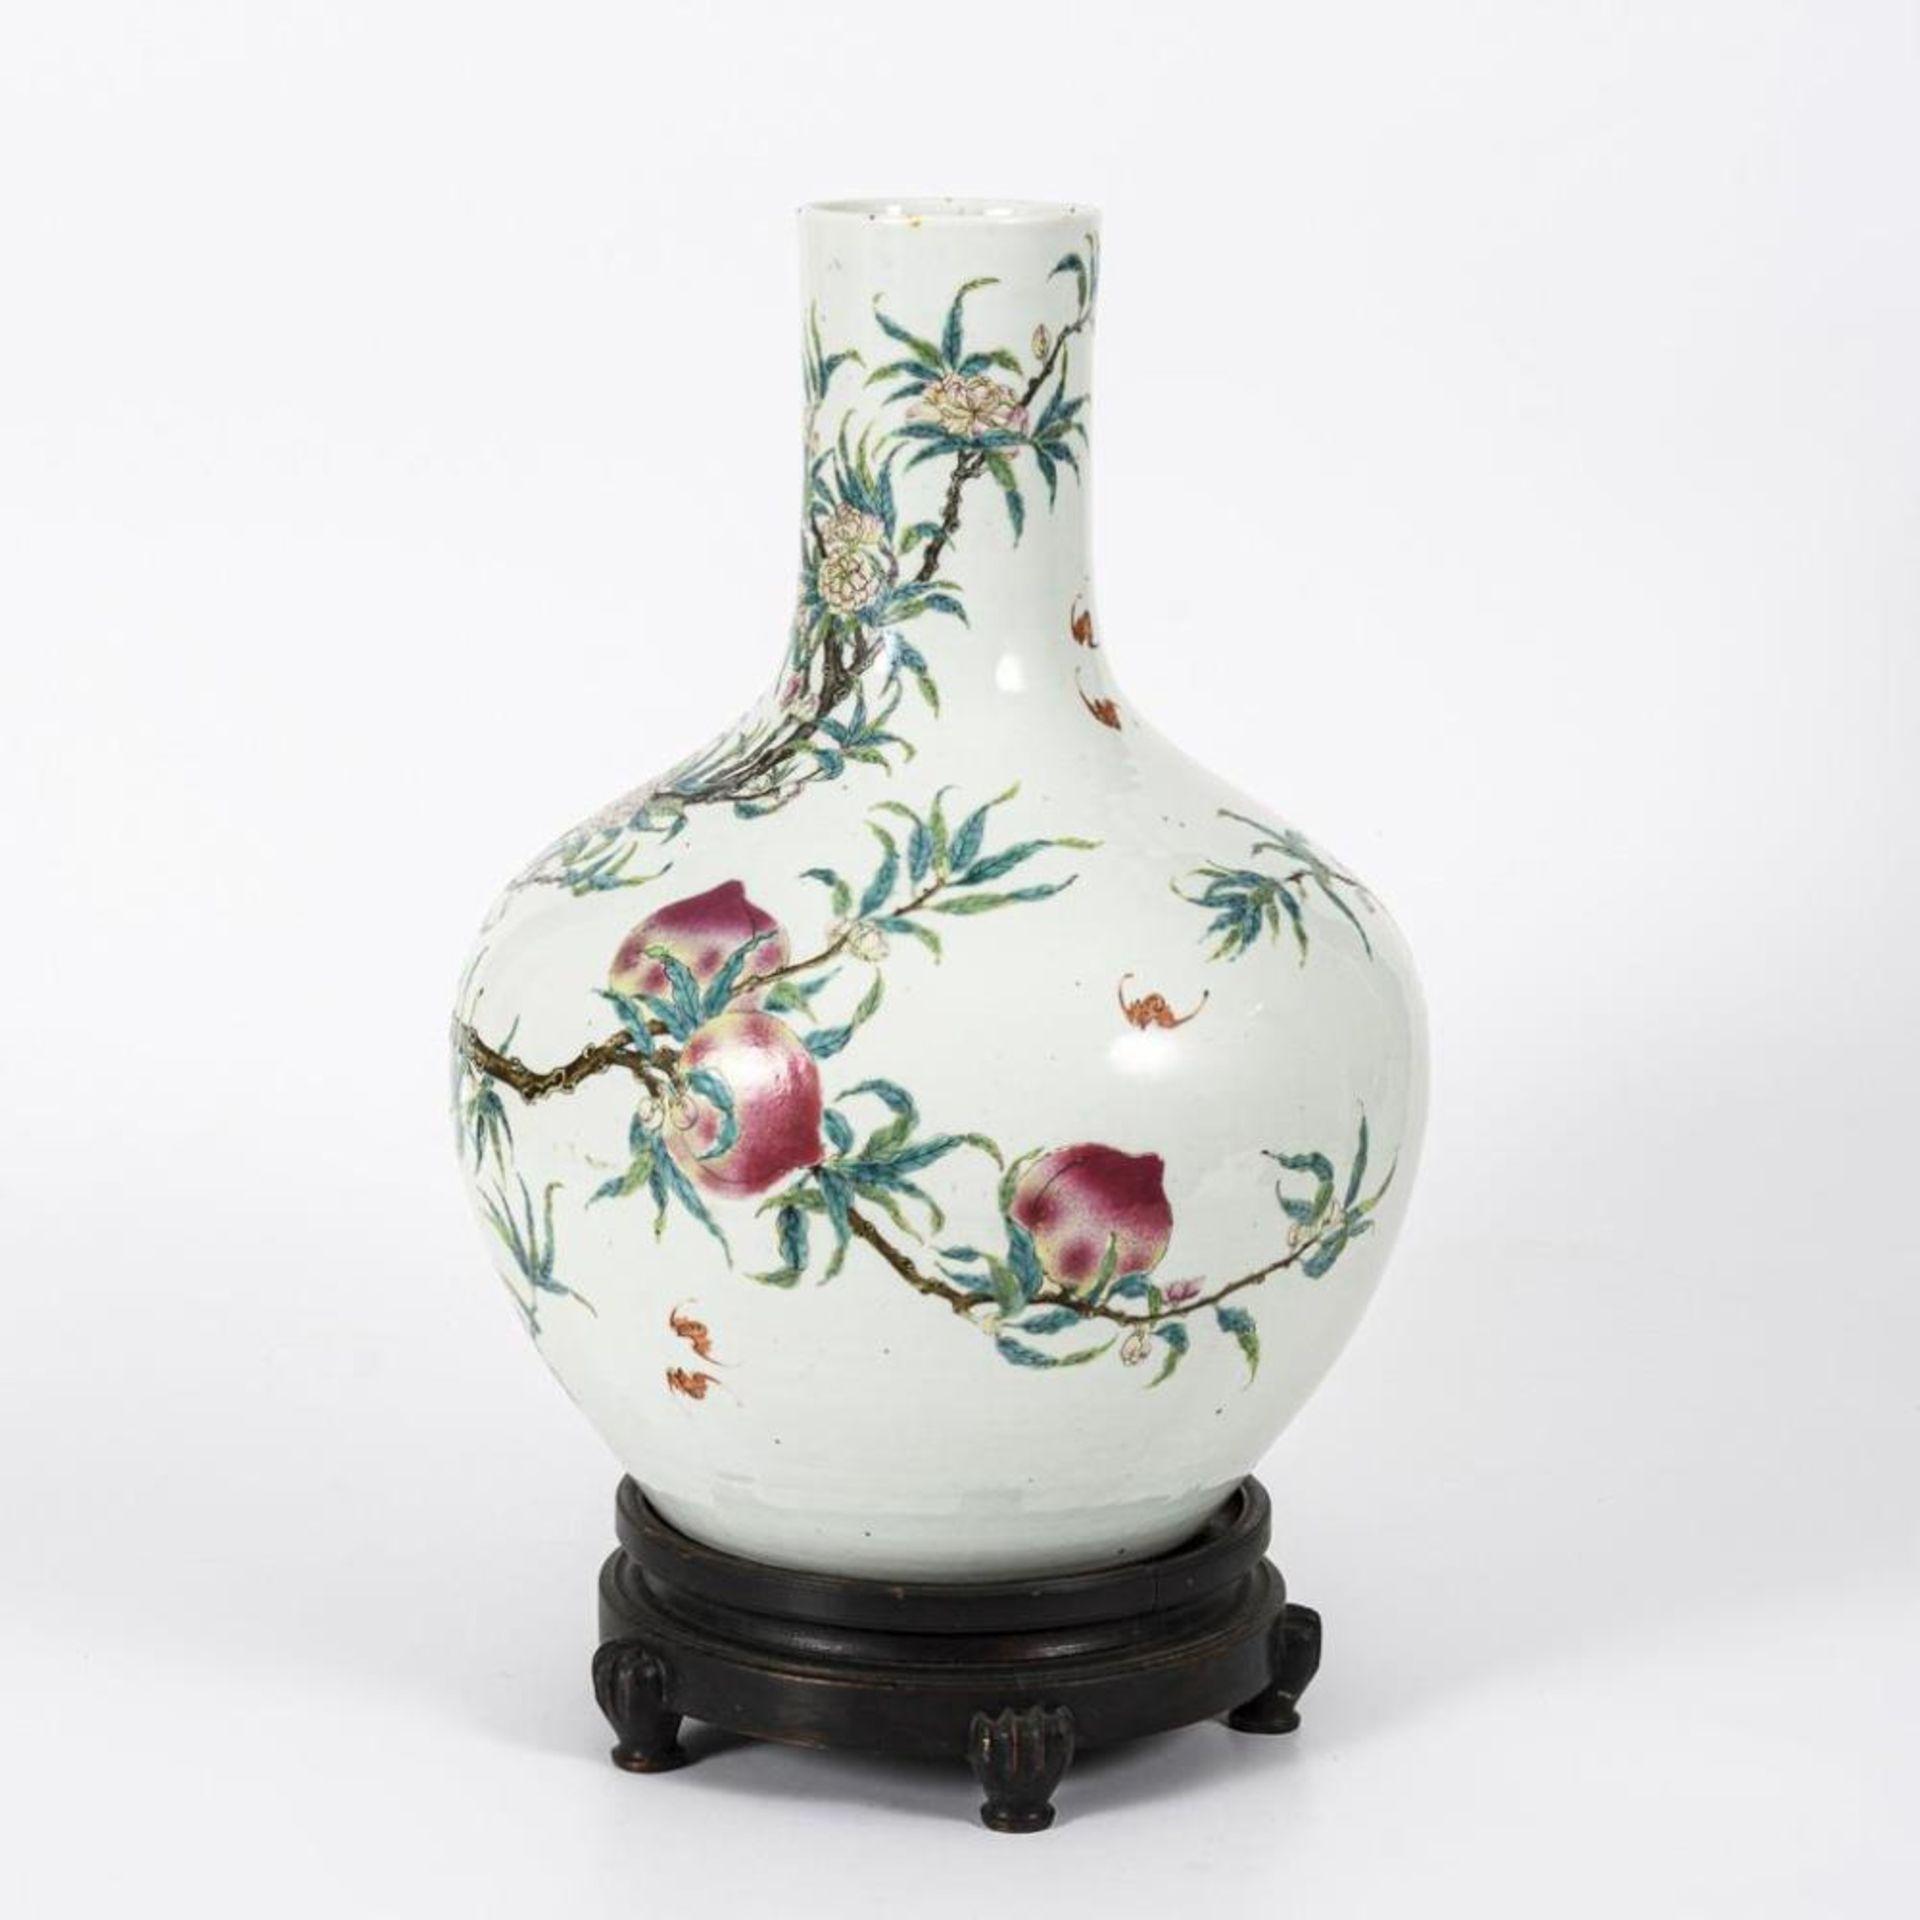 Große, museale Vase mit Pfirsichen und Pfirsichblüten - Image 2 of 10